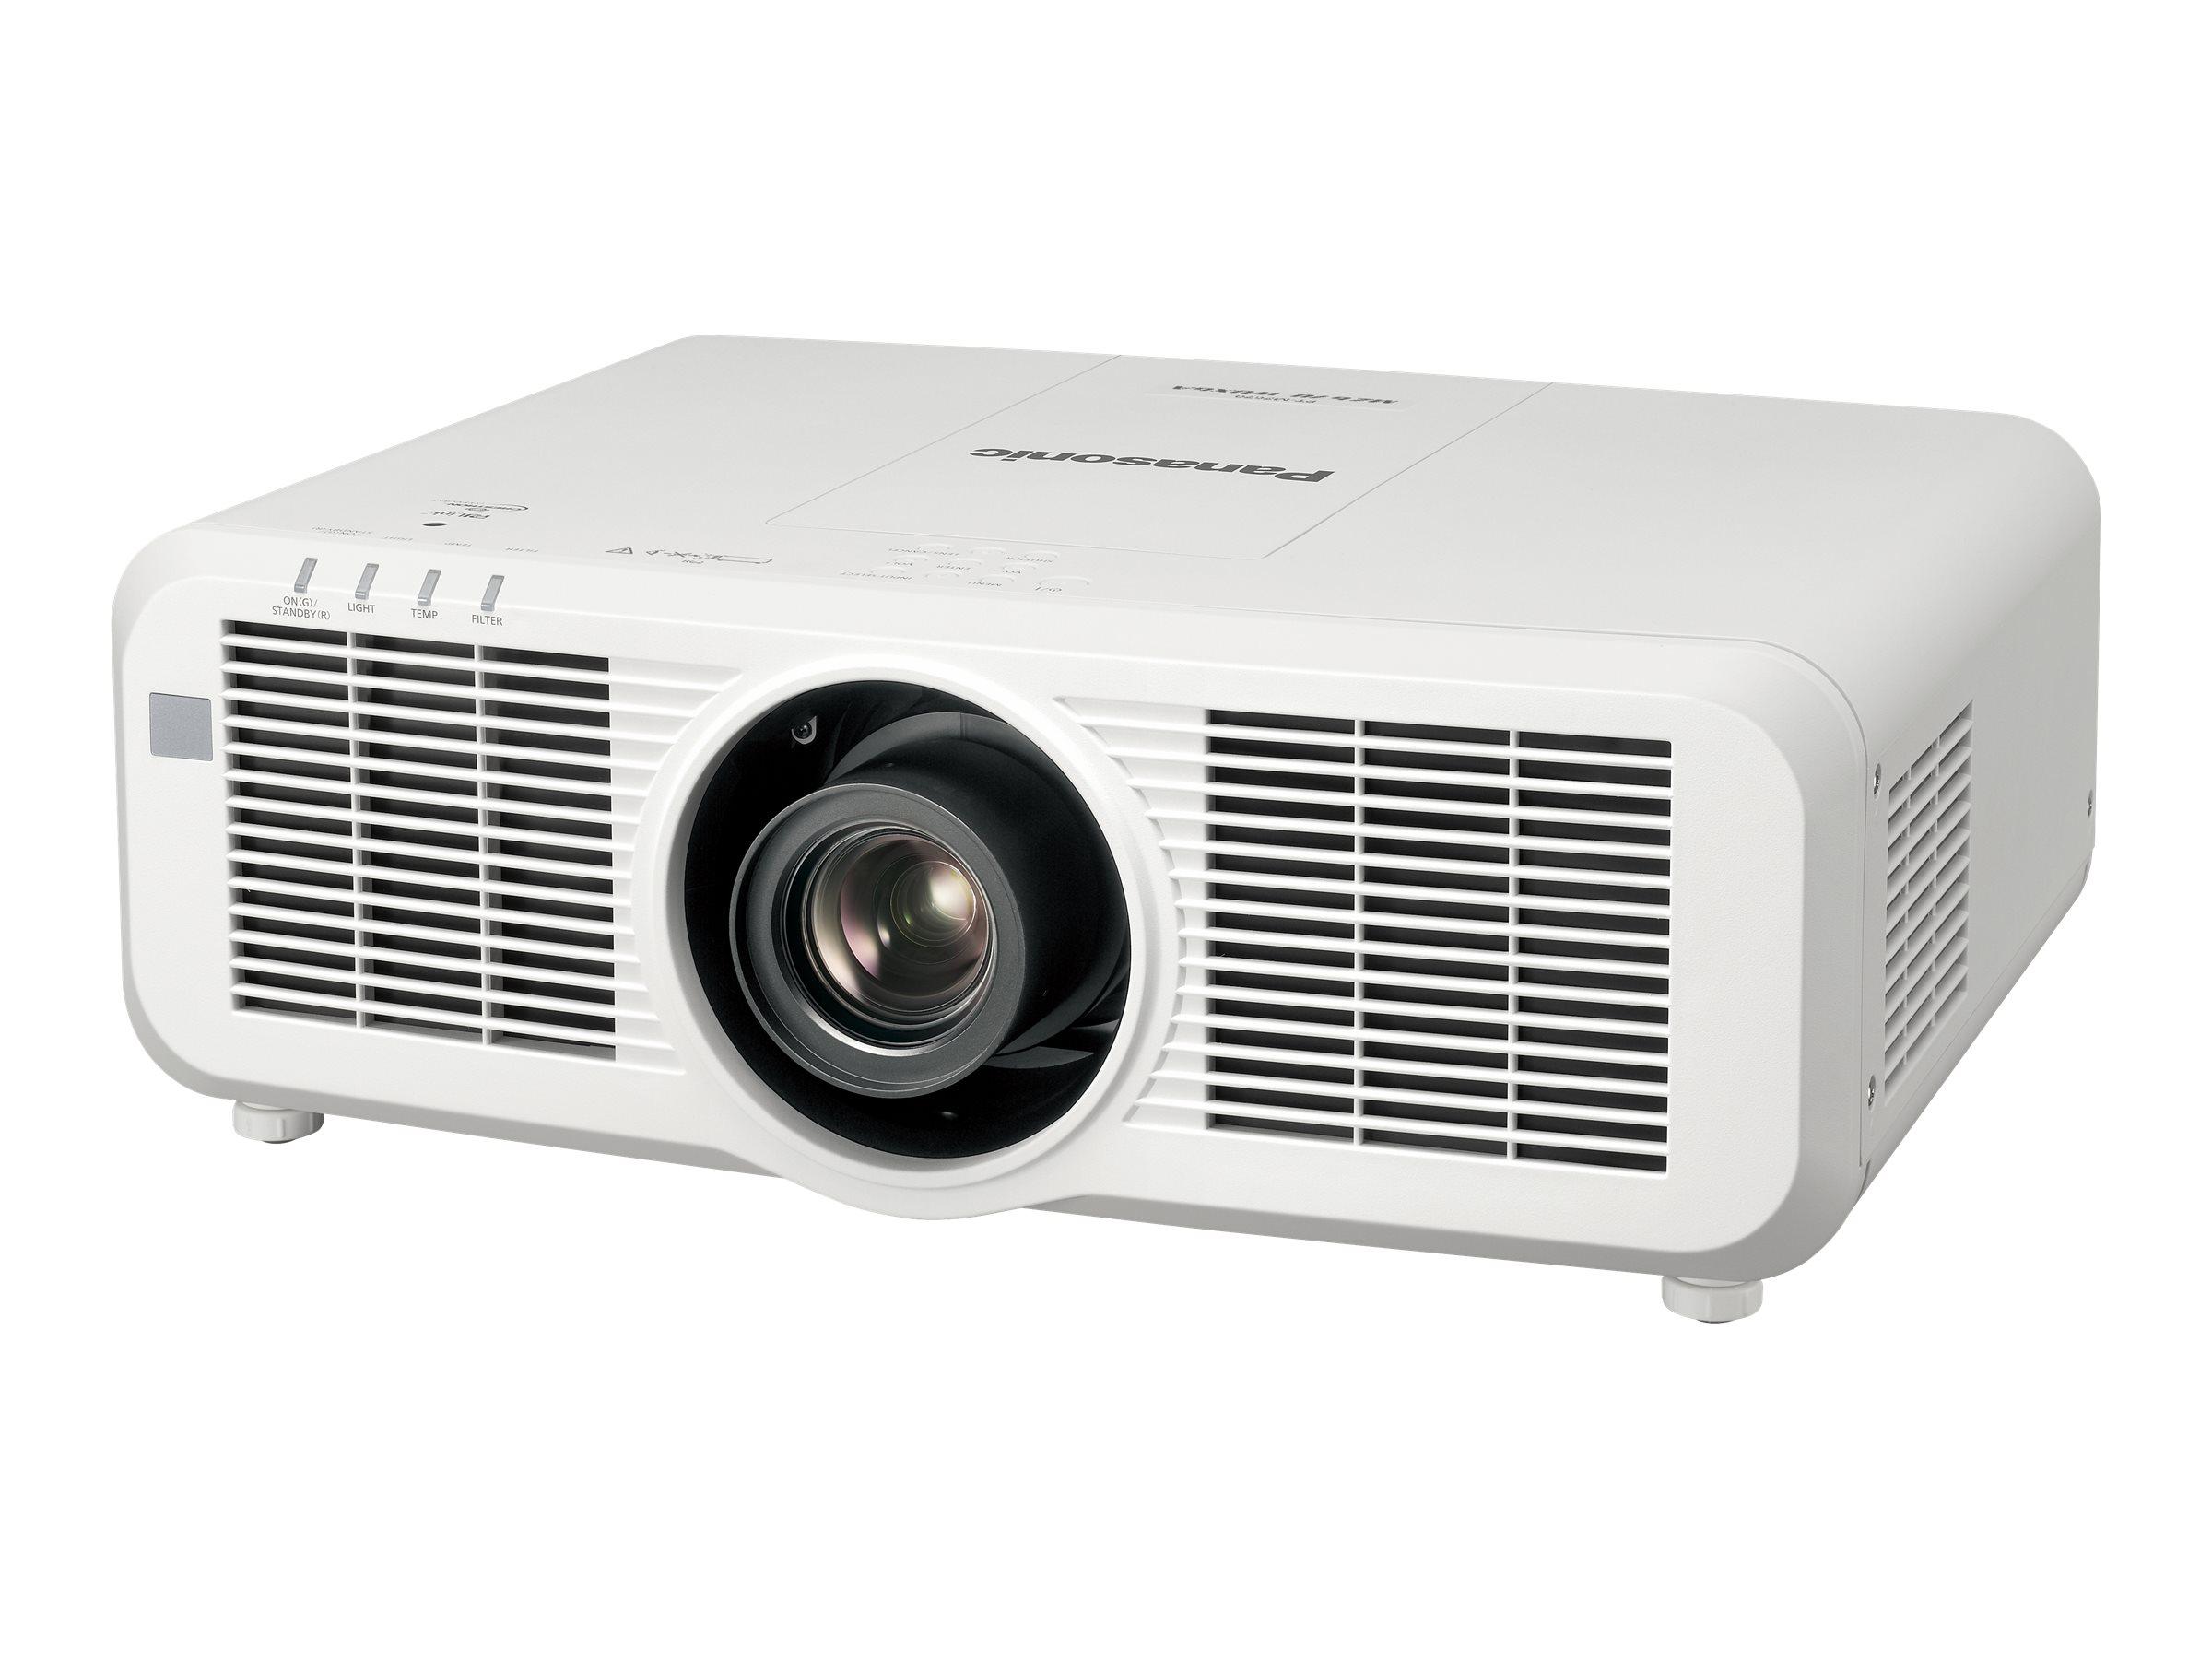 Panasonic PT-MZ670EJ - LCD-Projektor - 6500 lm - WUXGA (1920 x 1200) - 16:10 - 1080p